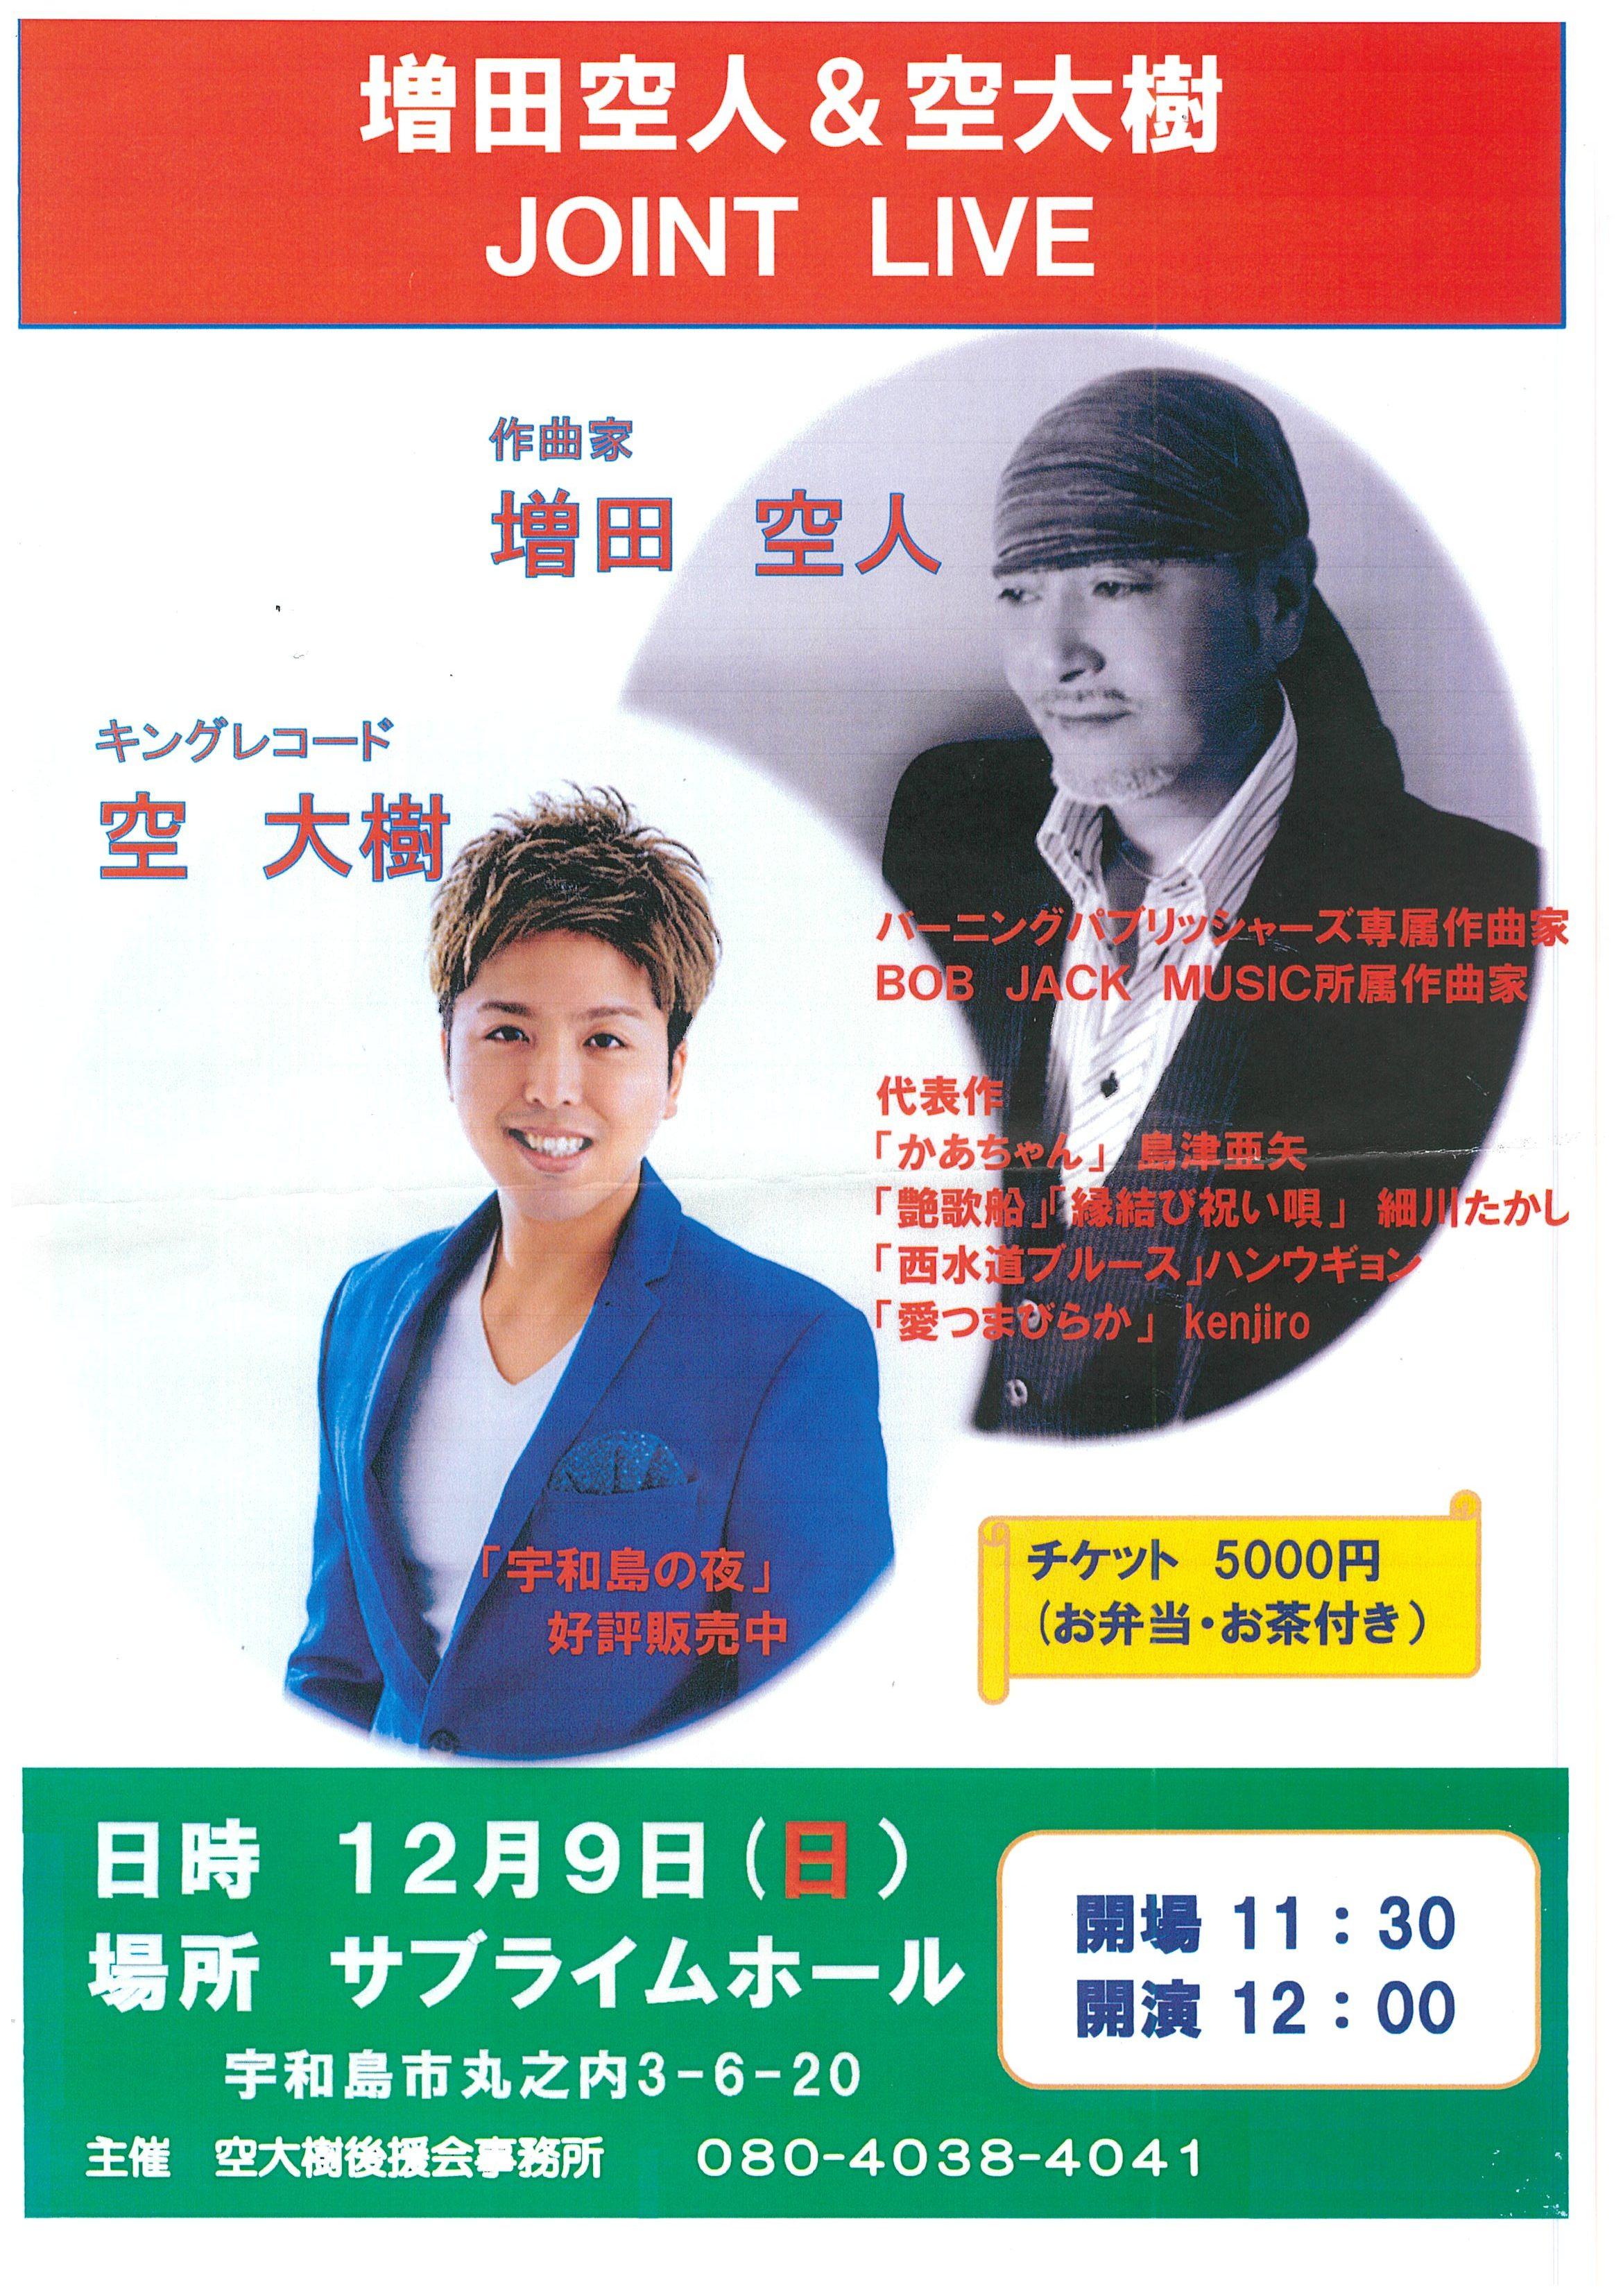 増田空人&空大樹 JOINT LIVE! 空 大樹 イベント情報📣.゜